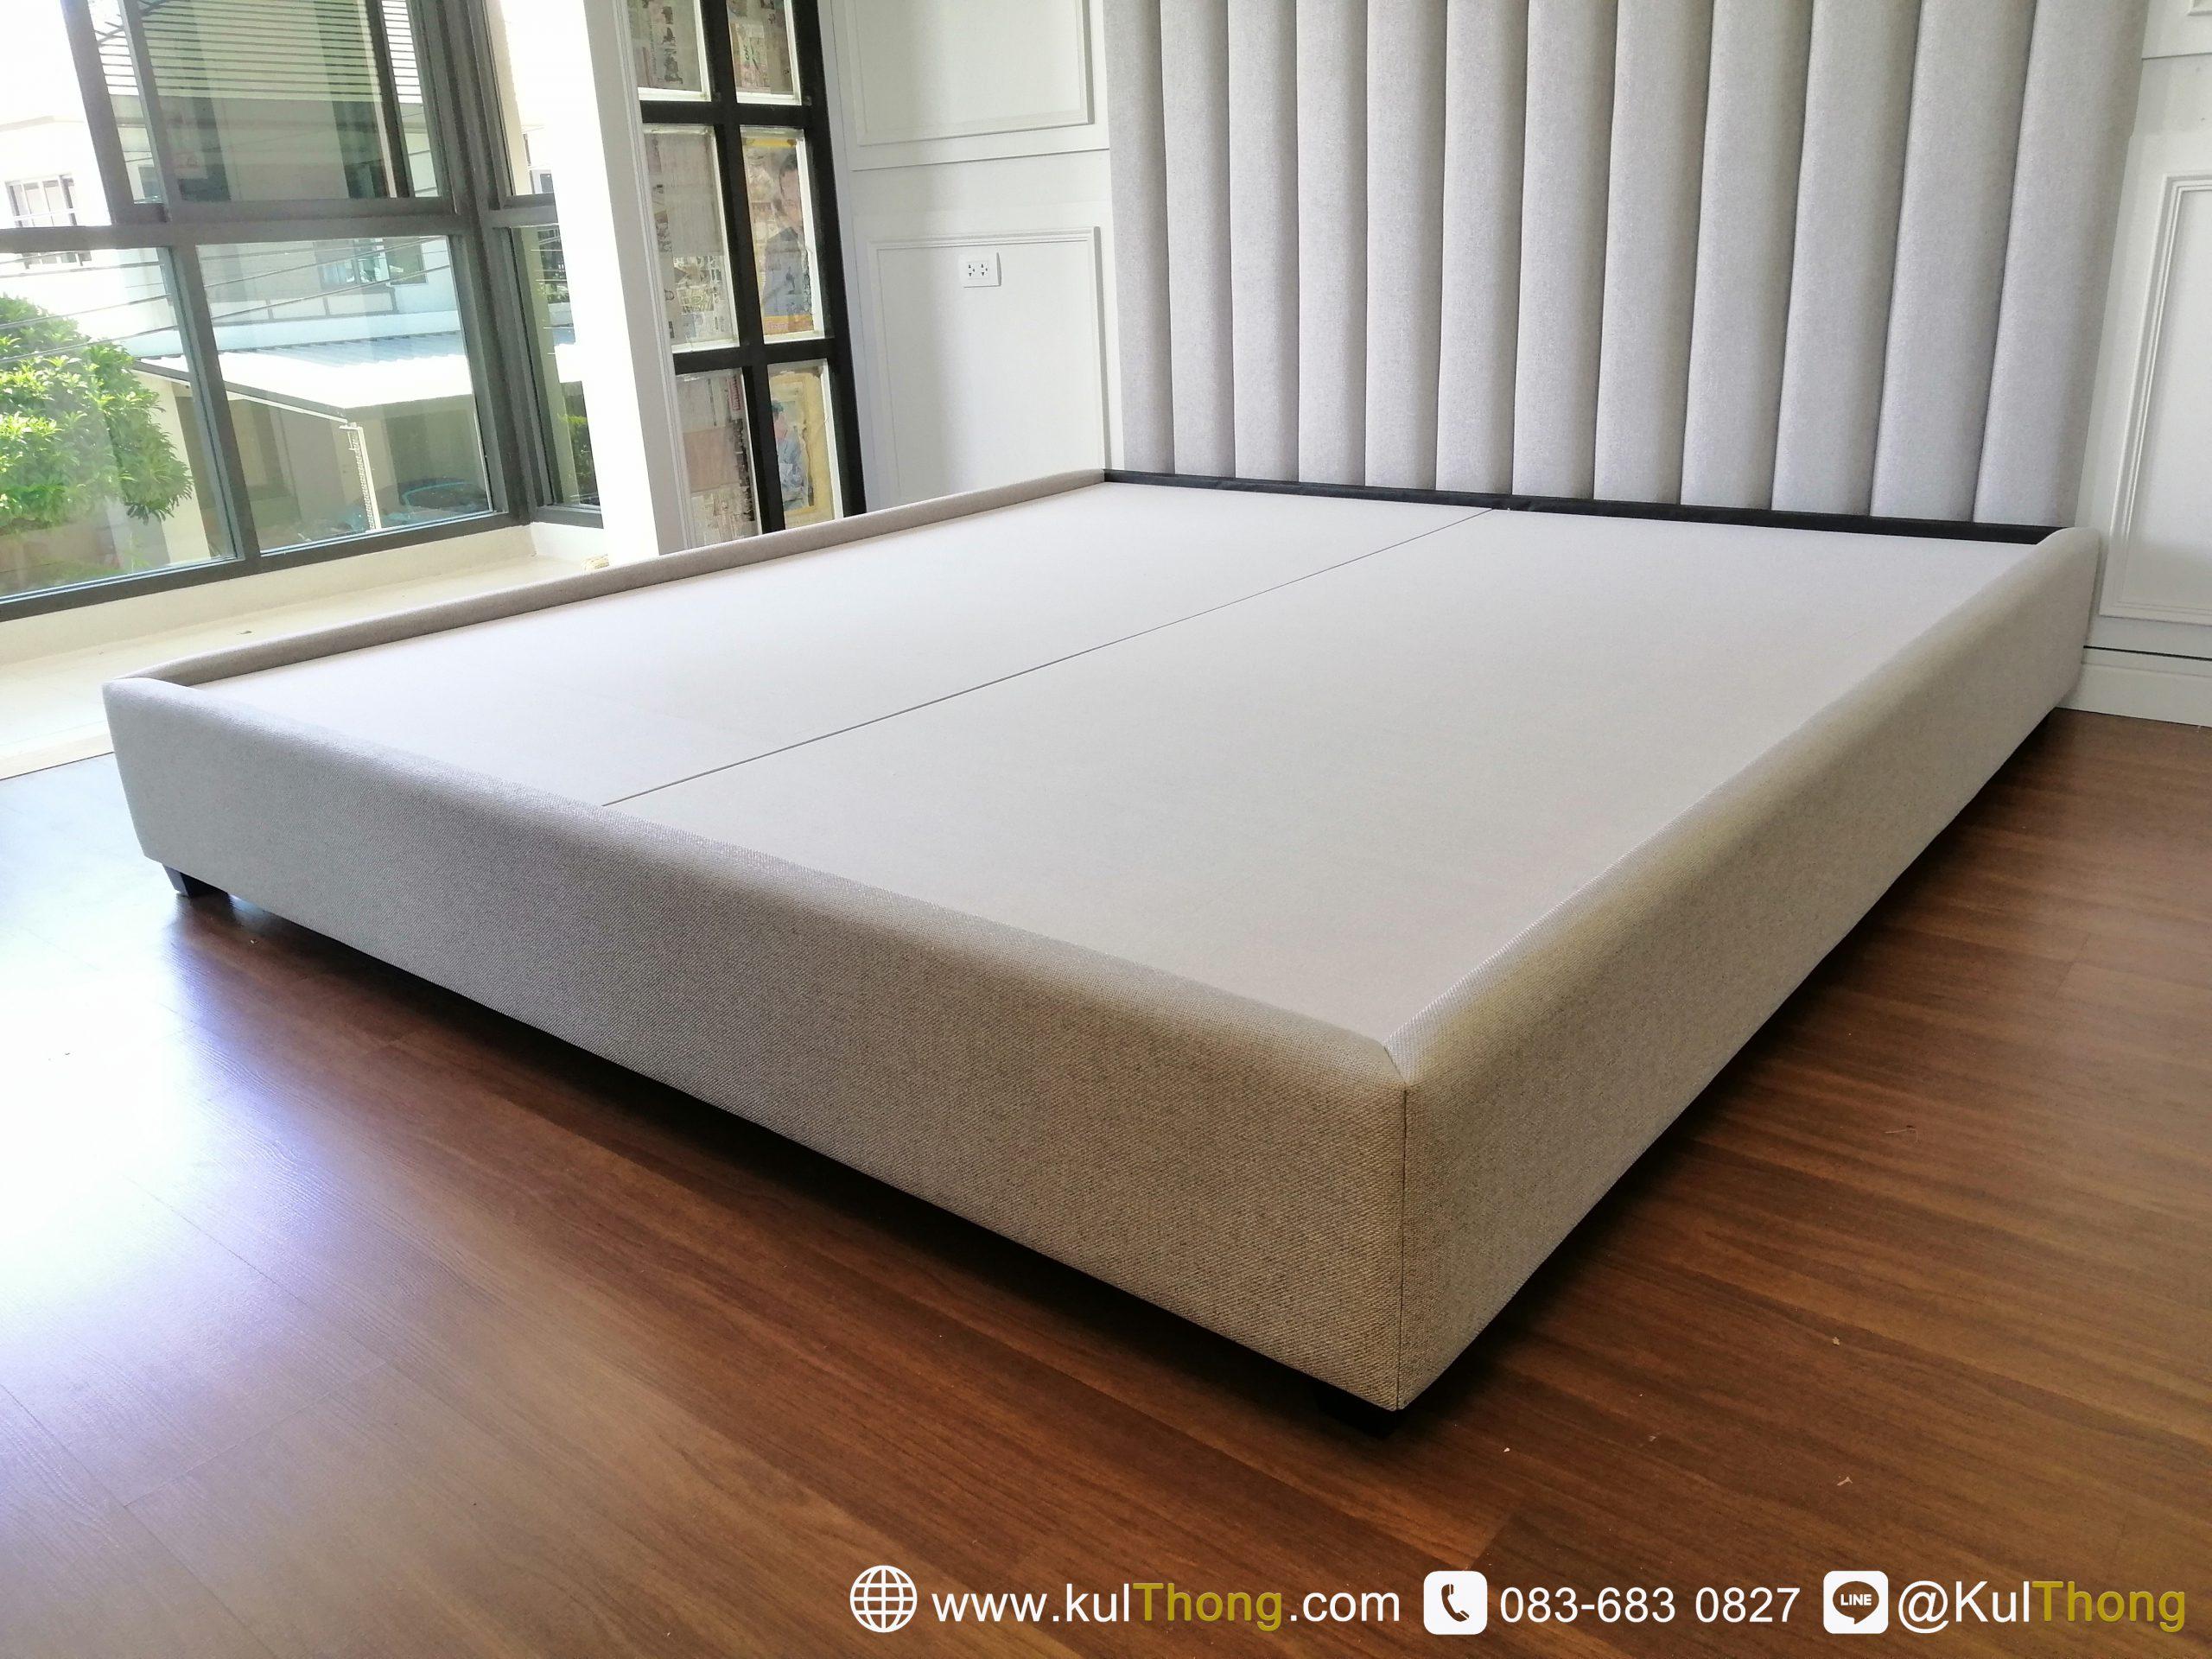 ฐานรองที่นอน เตียงนอน ฐานเตียงนอน